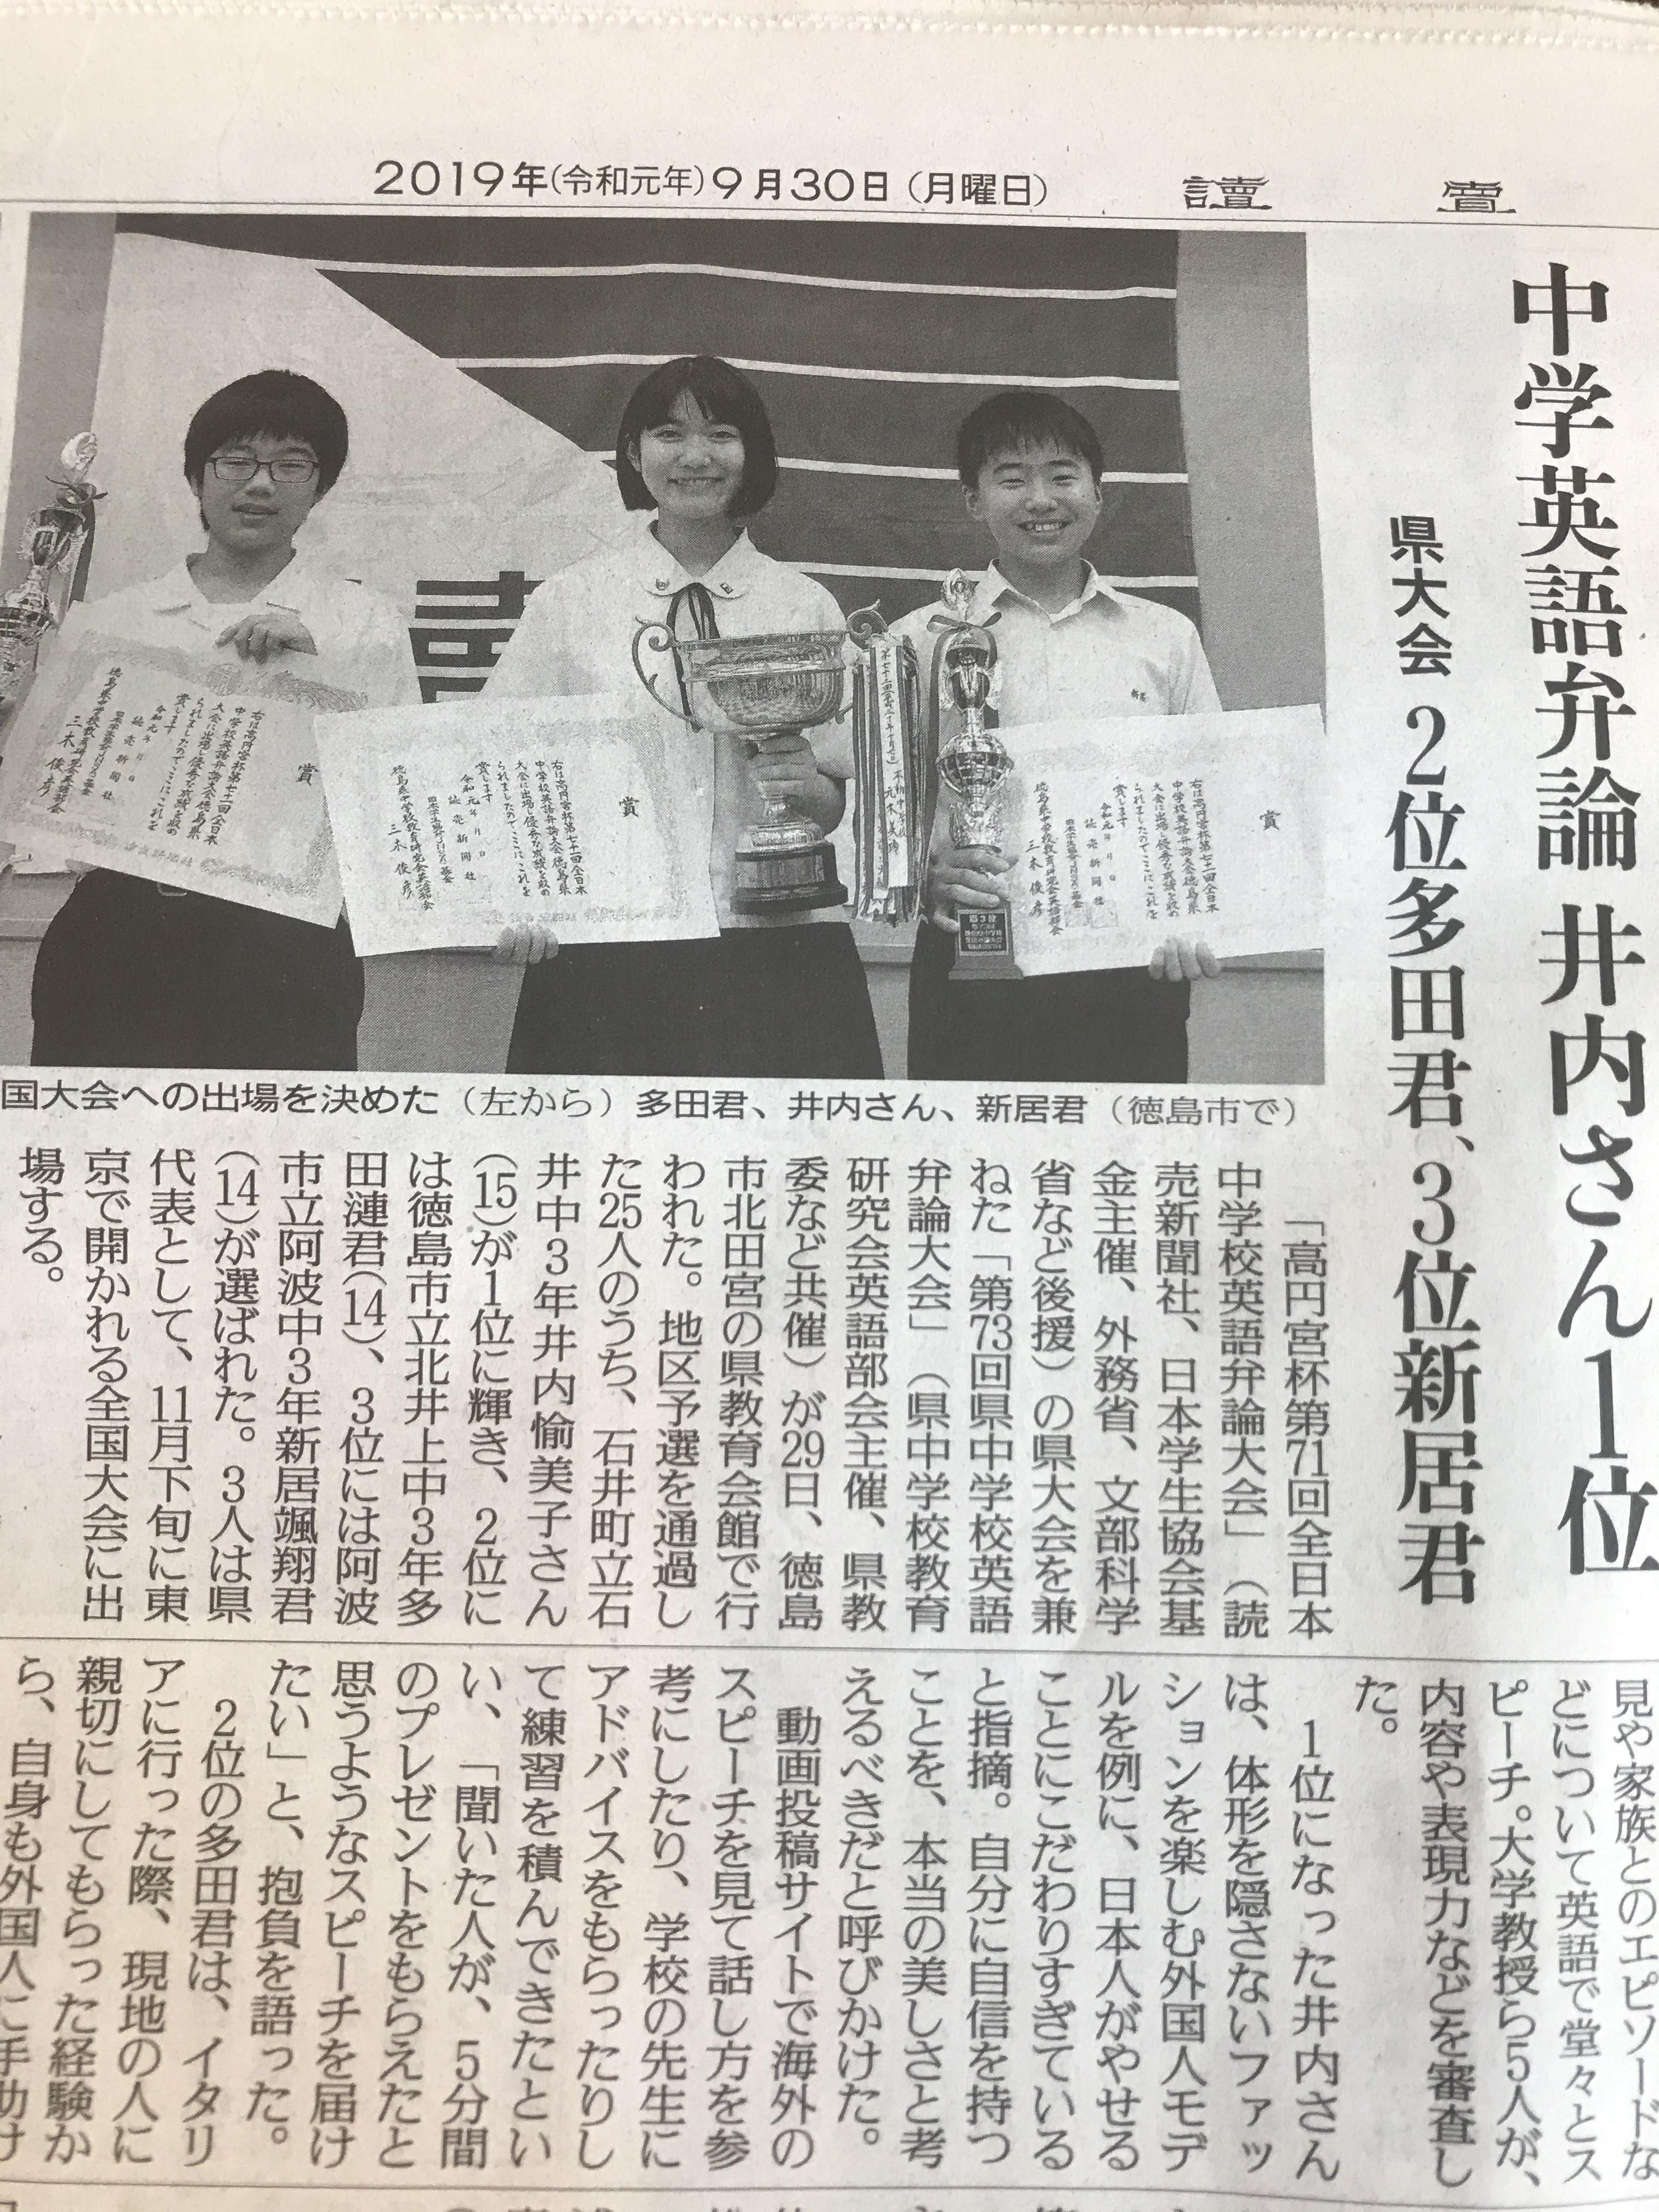 高円宮杯、県大会1位いただきました!